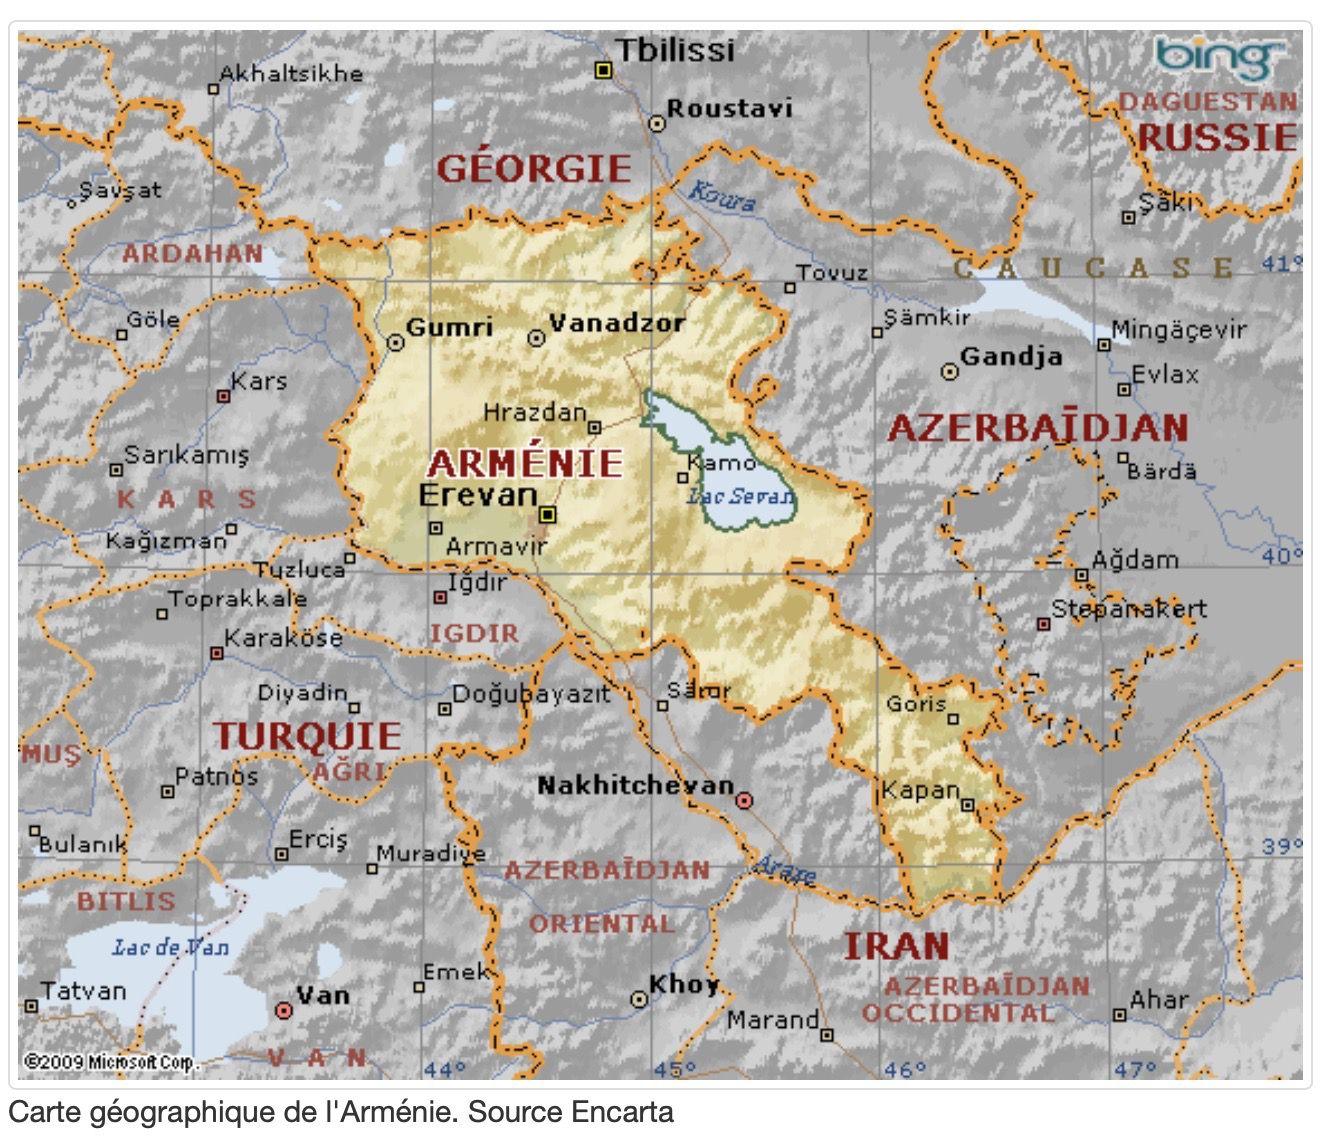 Nikolay Starikov : La guerre entre l'Azerbaïdjan et l'Arménie est nécessaire pour les Américains et les Turcs. (Club d'Izborsk, 21 juillet 2020)